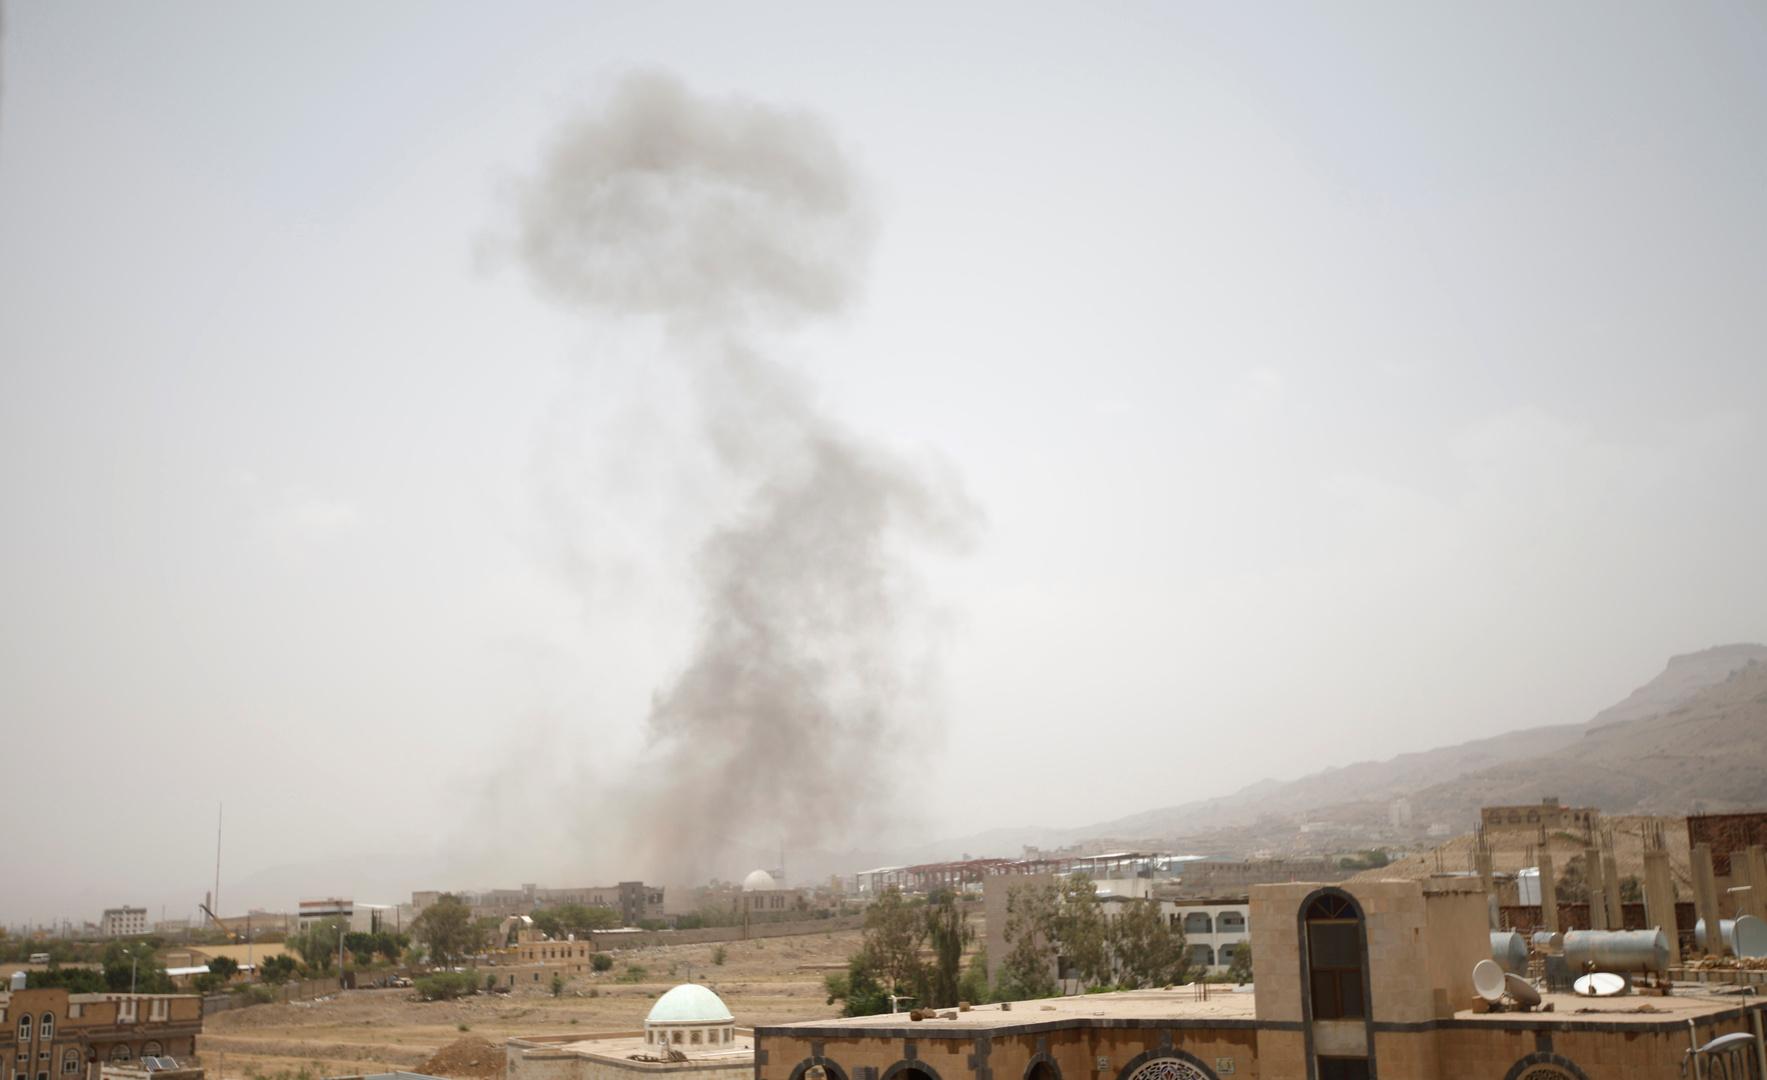 مراسلنا: مقاتلات التحالف العربي تشن في هذه الأثناء غارات مكثفة على محيط صنعاء